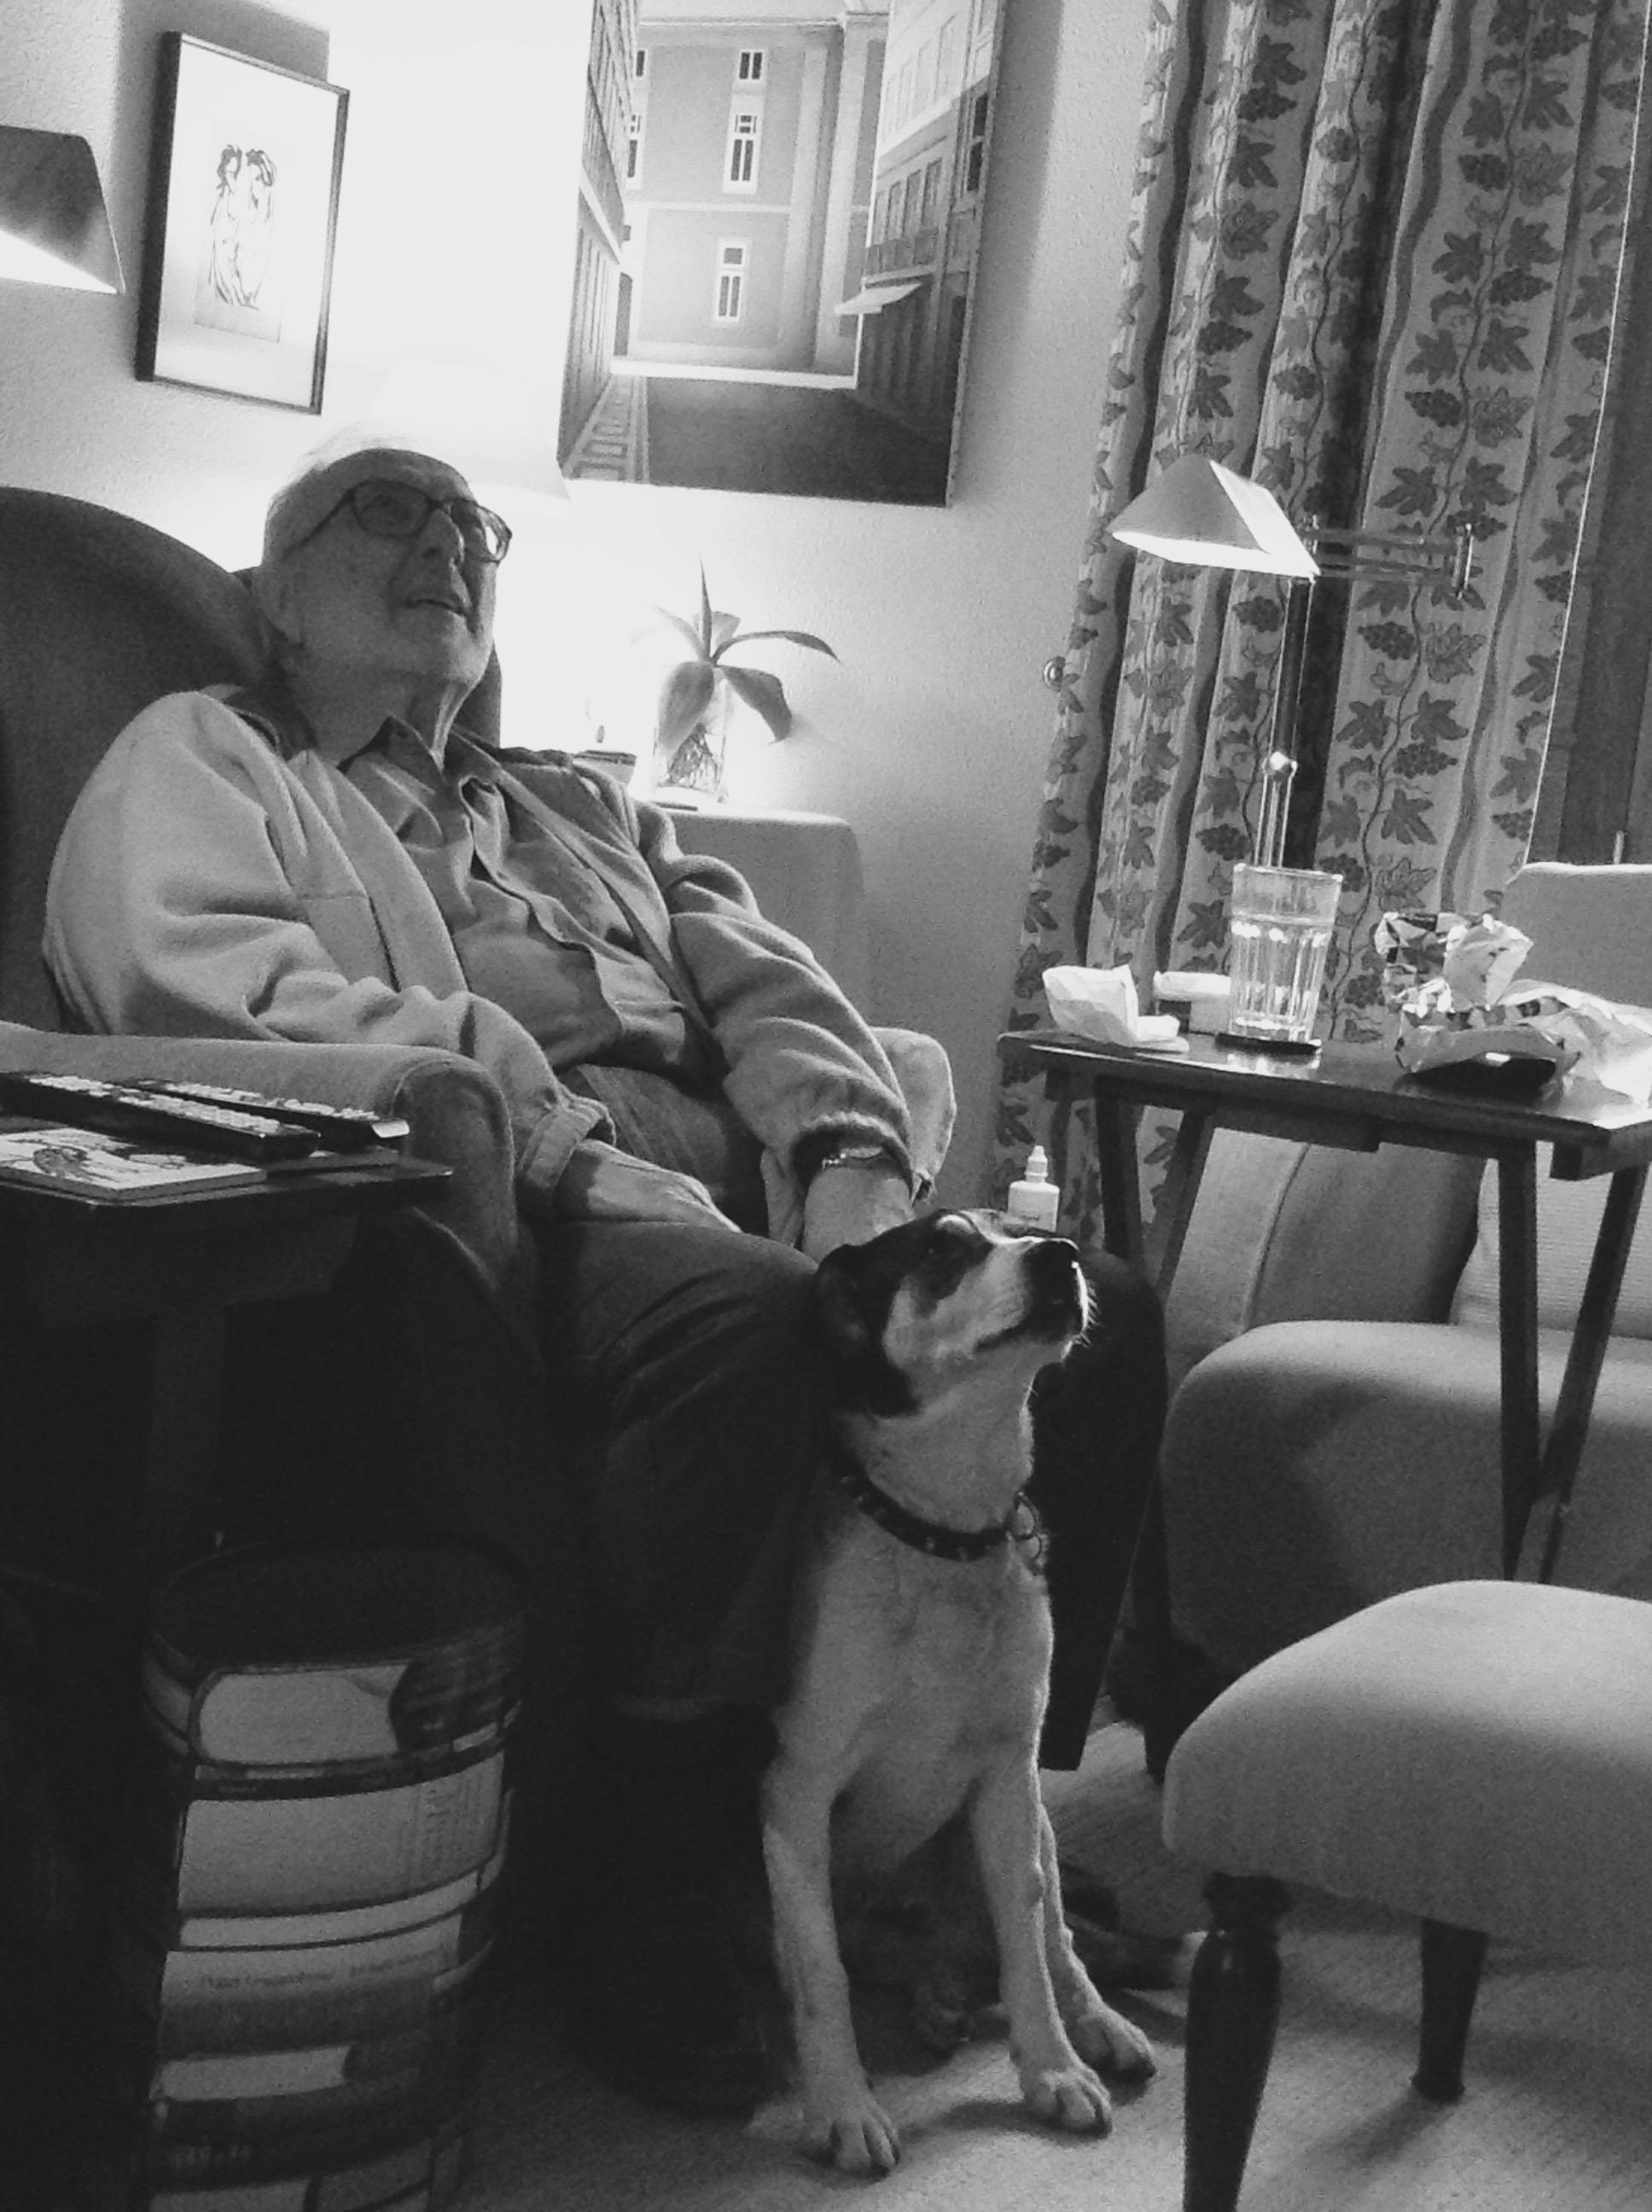 Pedro Tamen e o cão Moisés.Fevereiro de 2014.